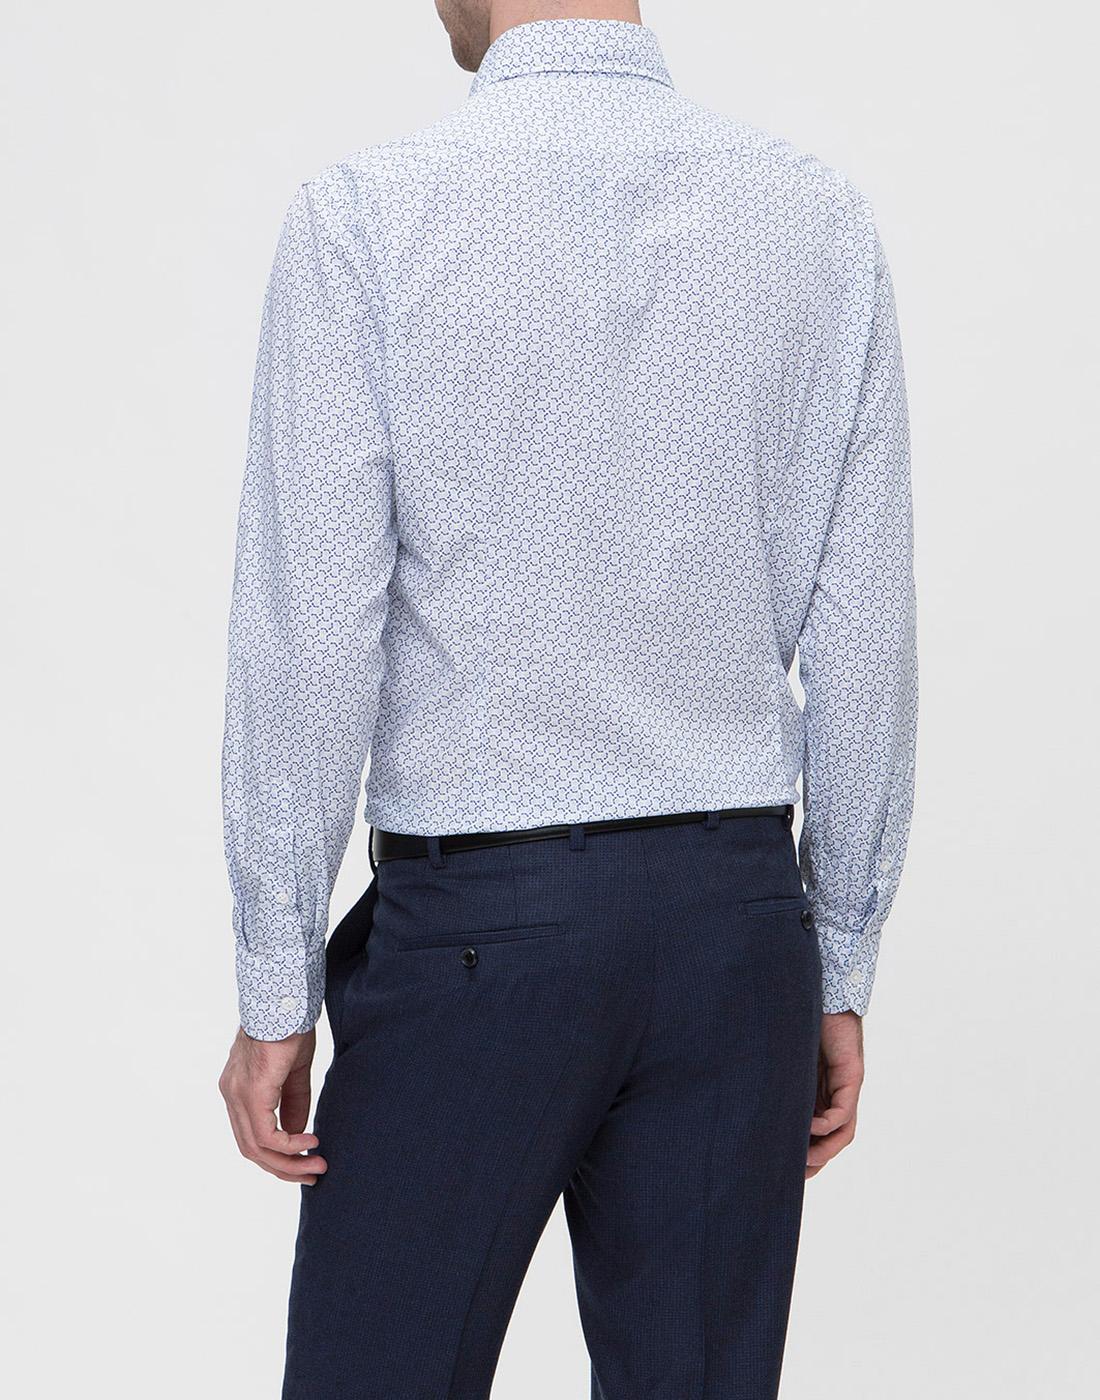 Мужская рубашка с принтом